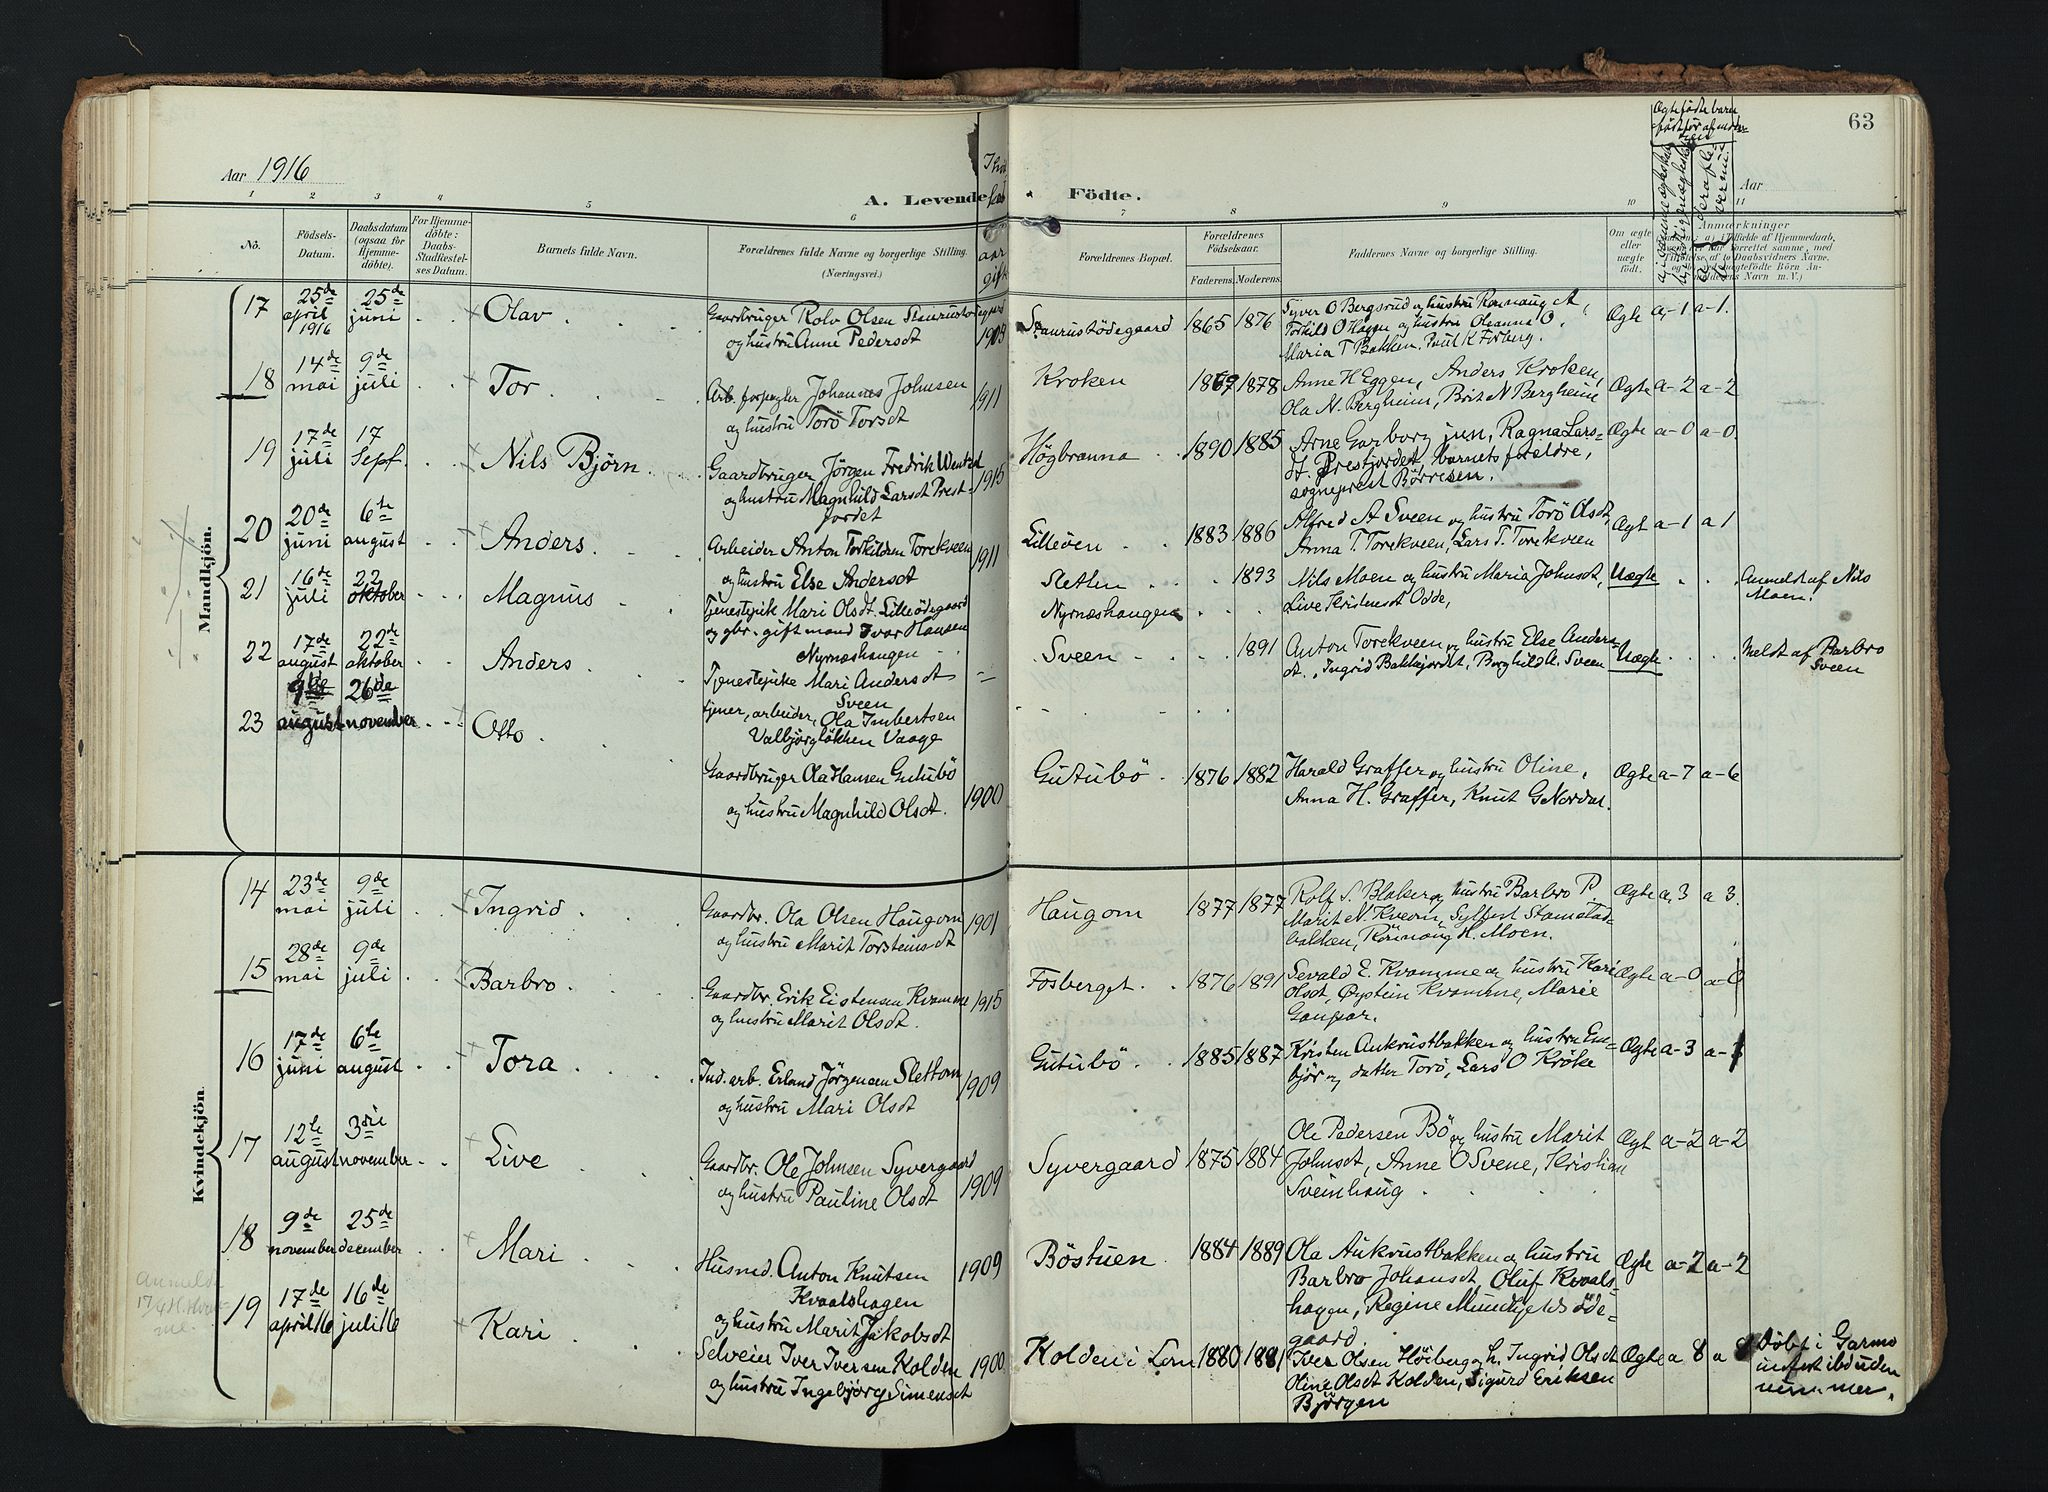 SAH, Lom prestekontor, K/L0010: Ministerialbok nr. 10, 1899-1926, s. 63